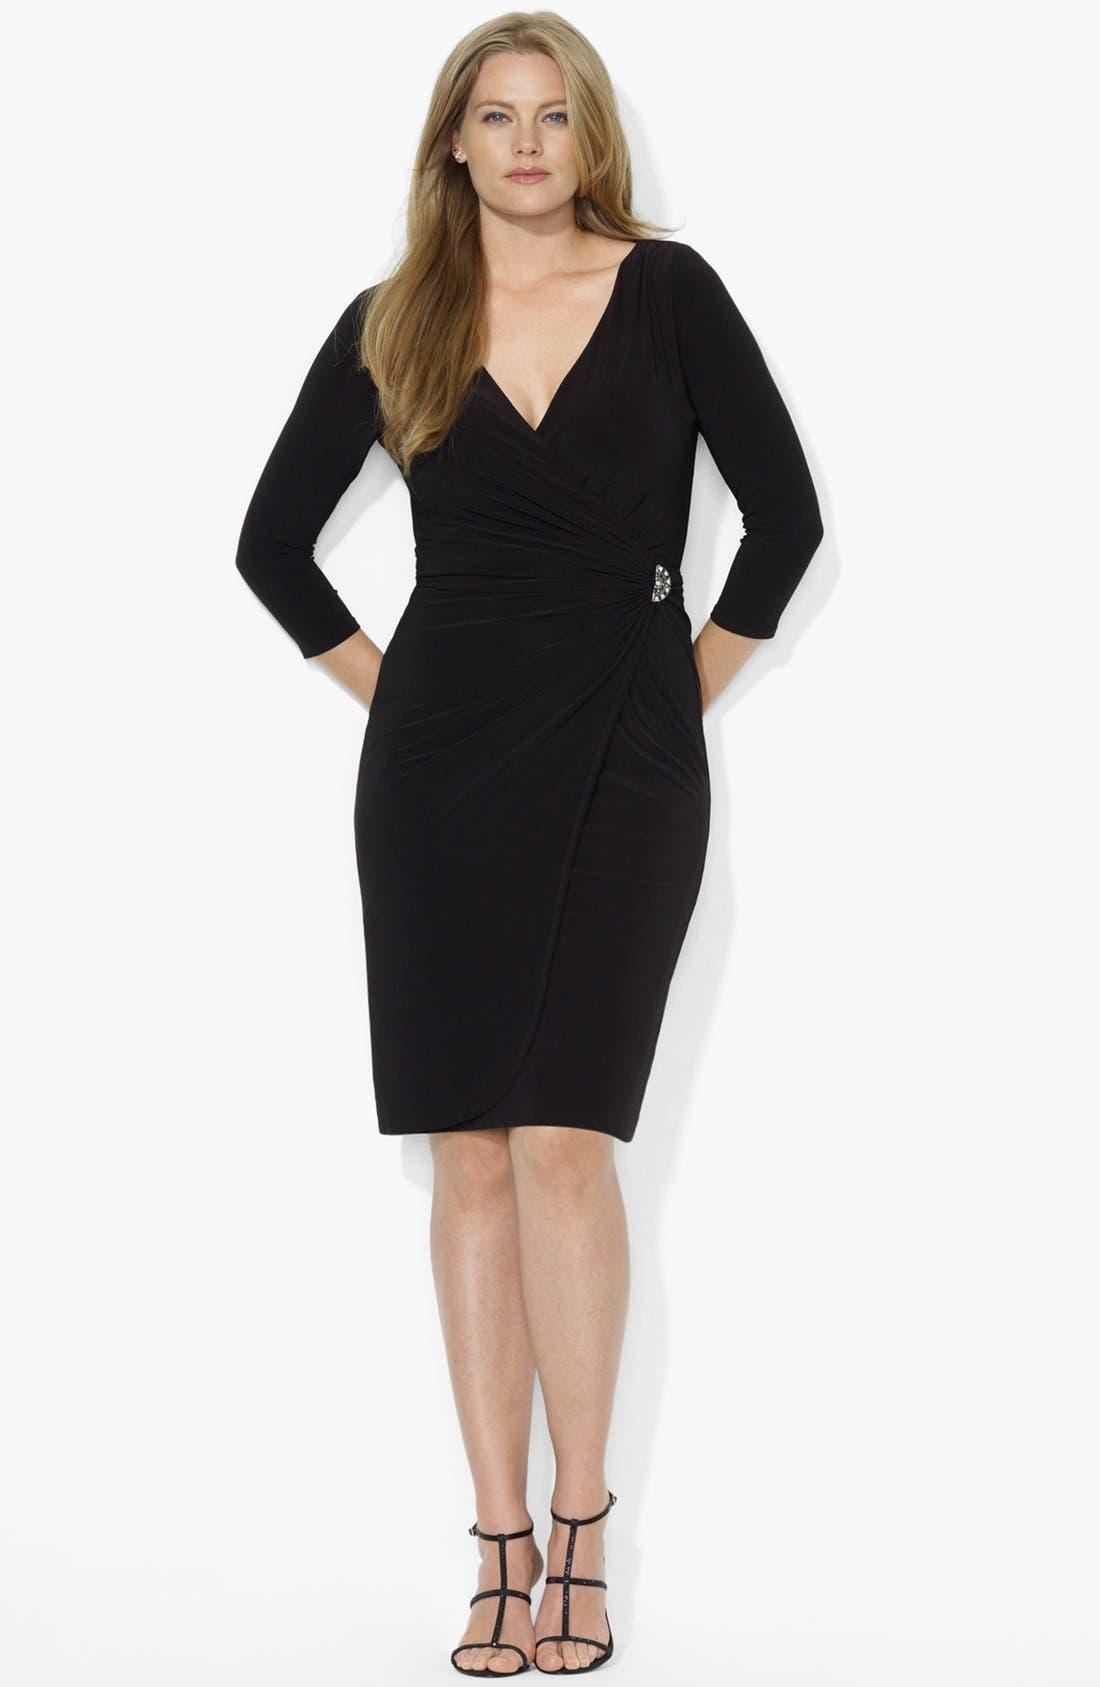 Alternate Image 1 Selected - Lauren Ralph Lauren Matte Jersey Faux Wrap Dress (Plus Size)